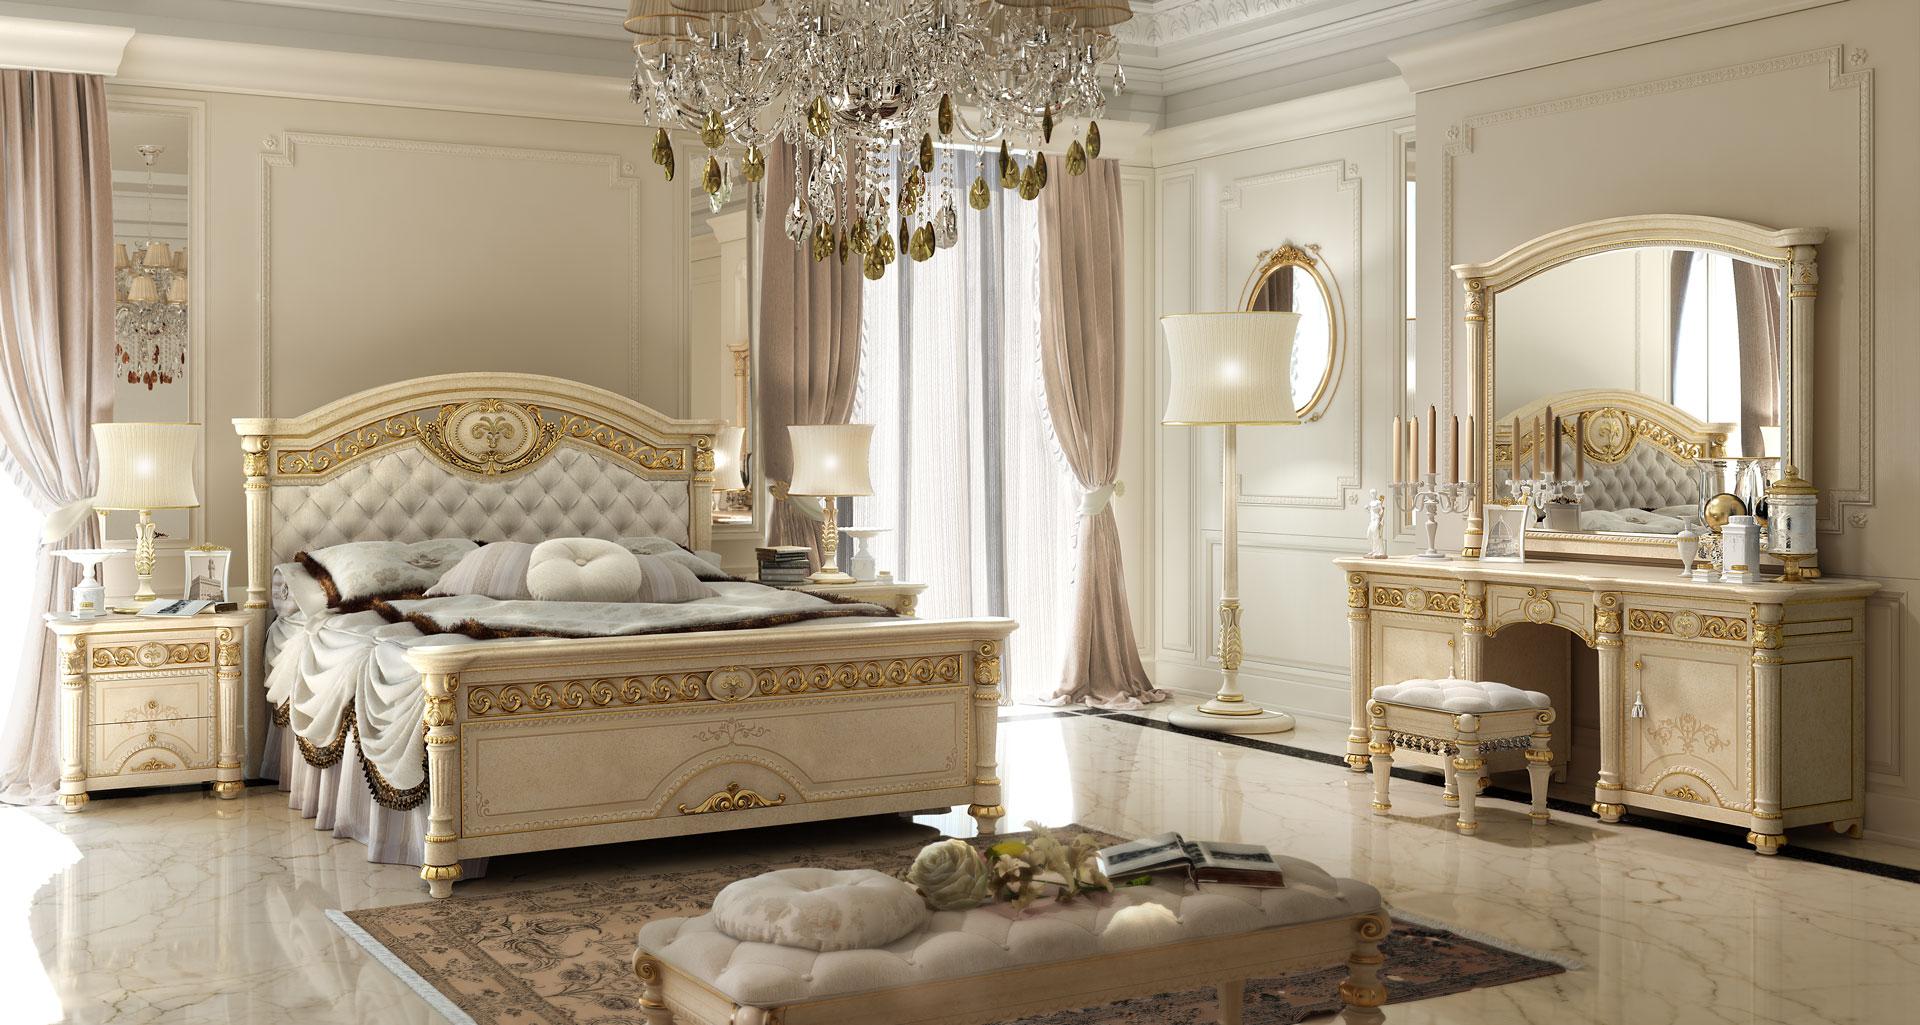 Camere da letto classiche - Pitture camera da letto ...